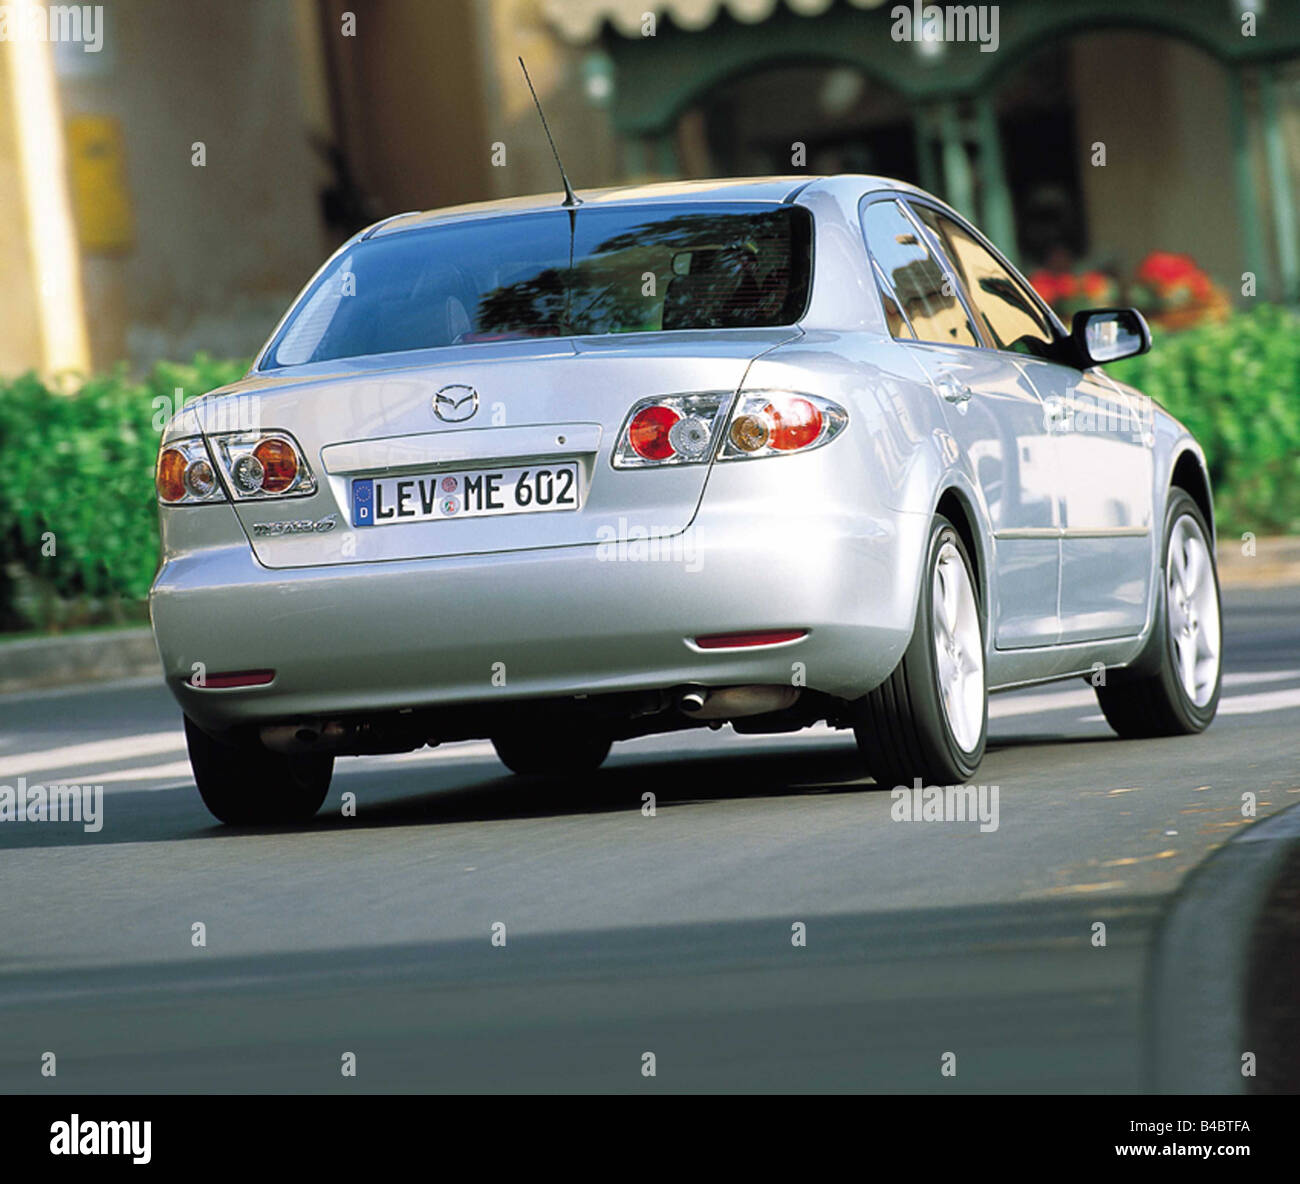 Kelebihan Mazda 6 2002 Review